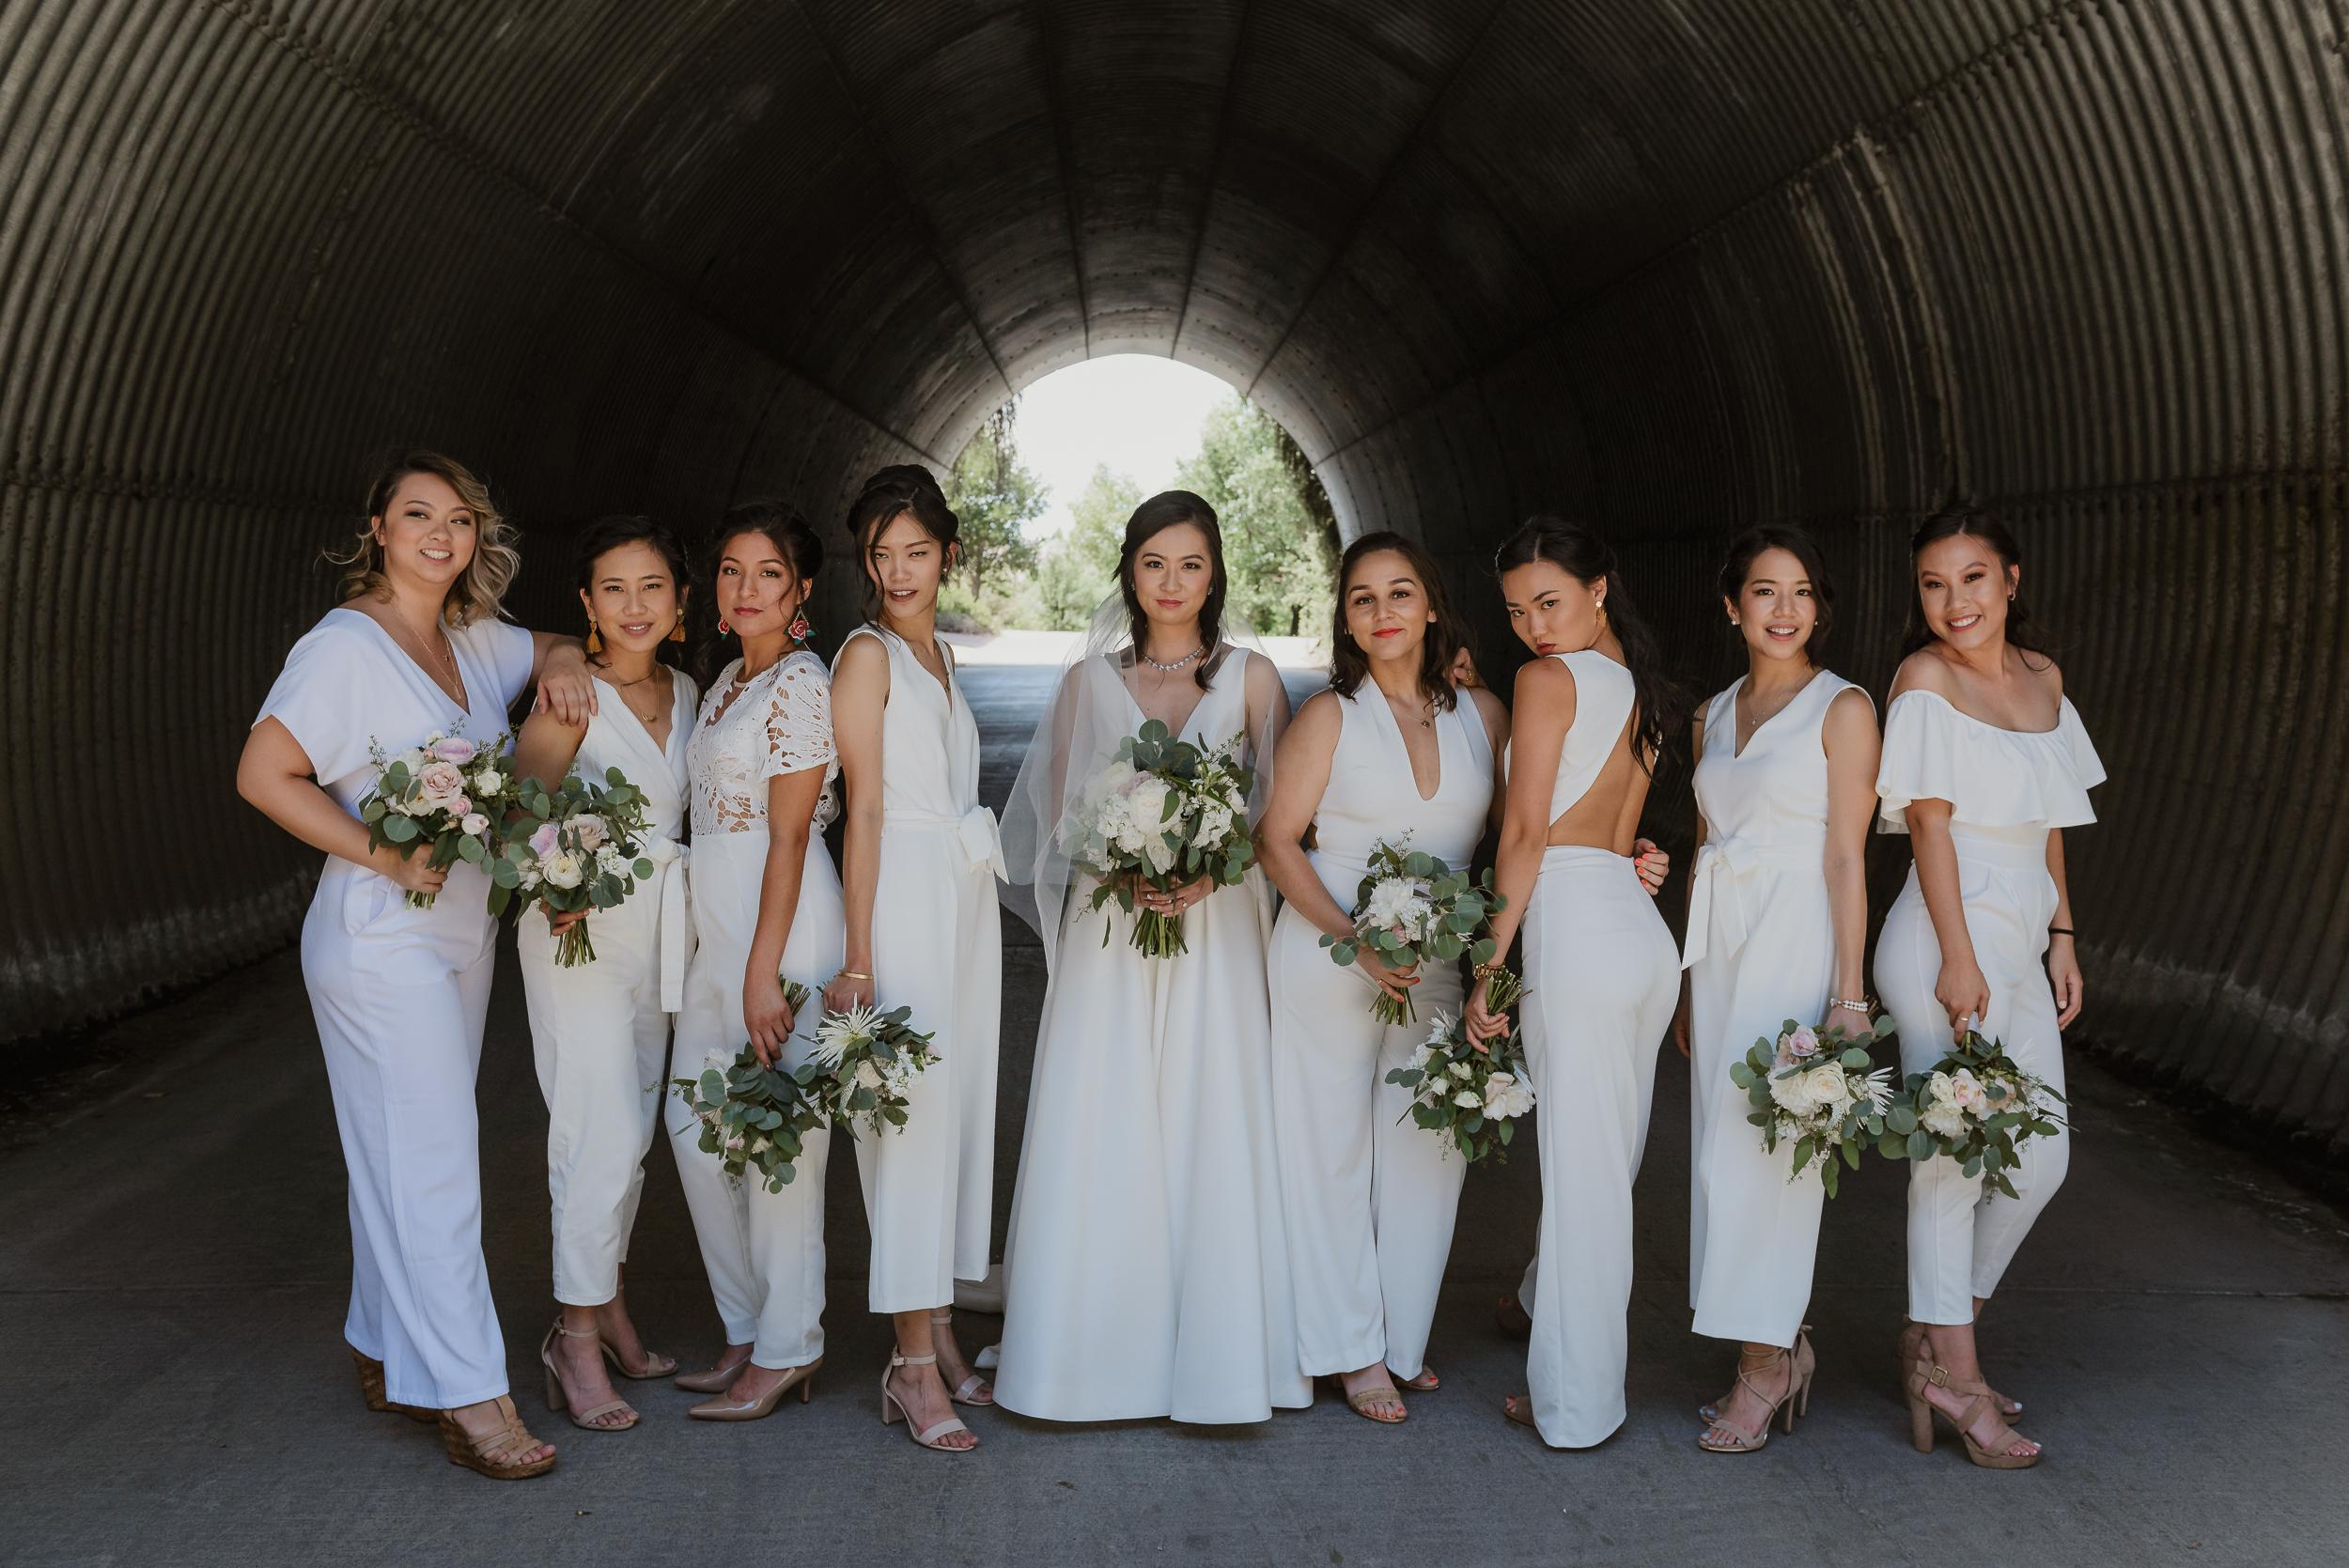 05-bridges-golf-club-wedding-vivianchen-182.jpg